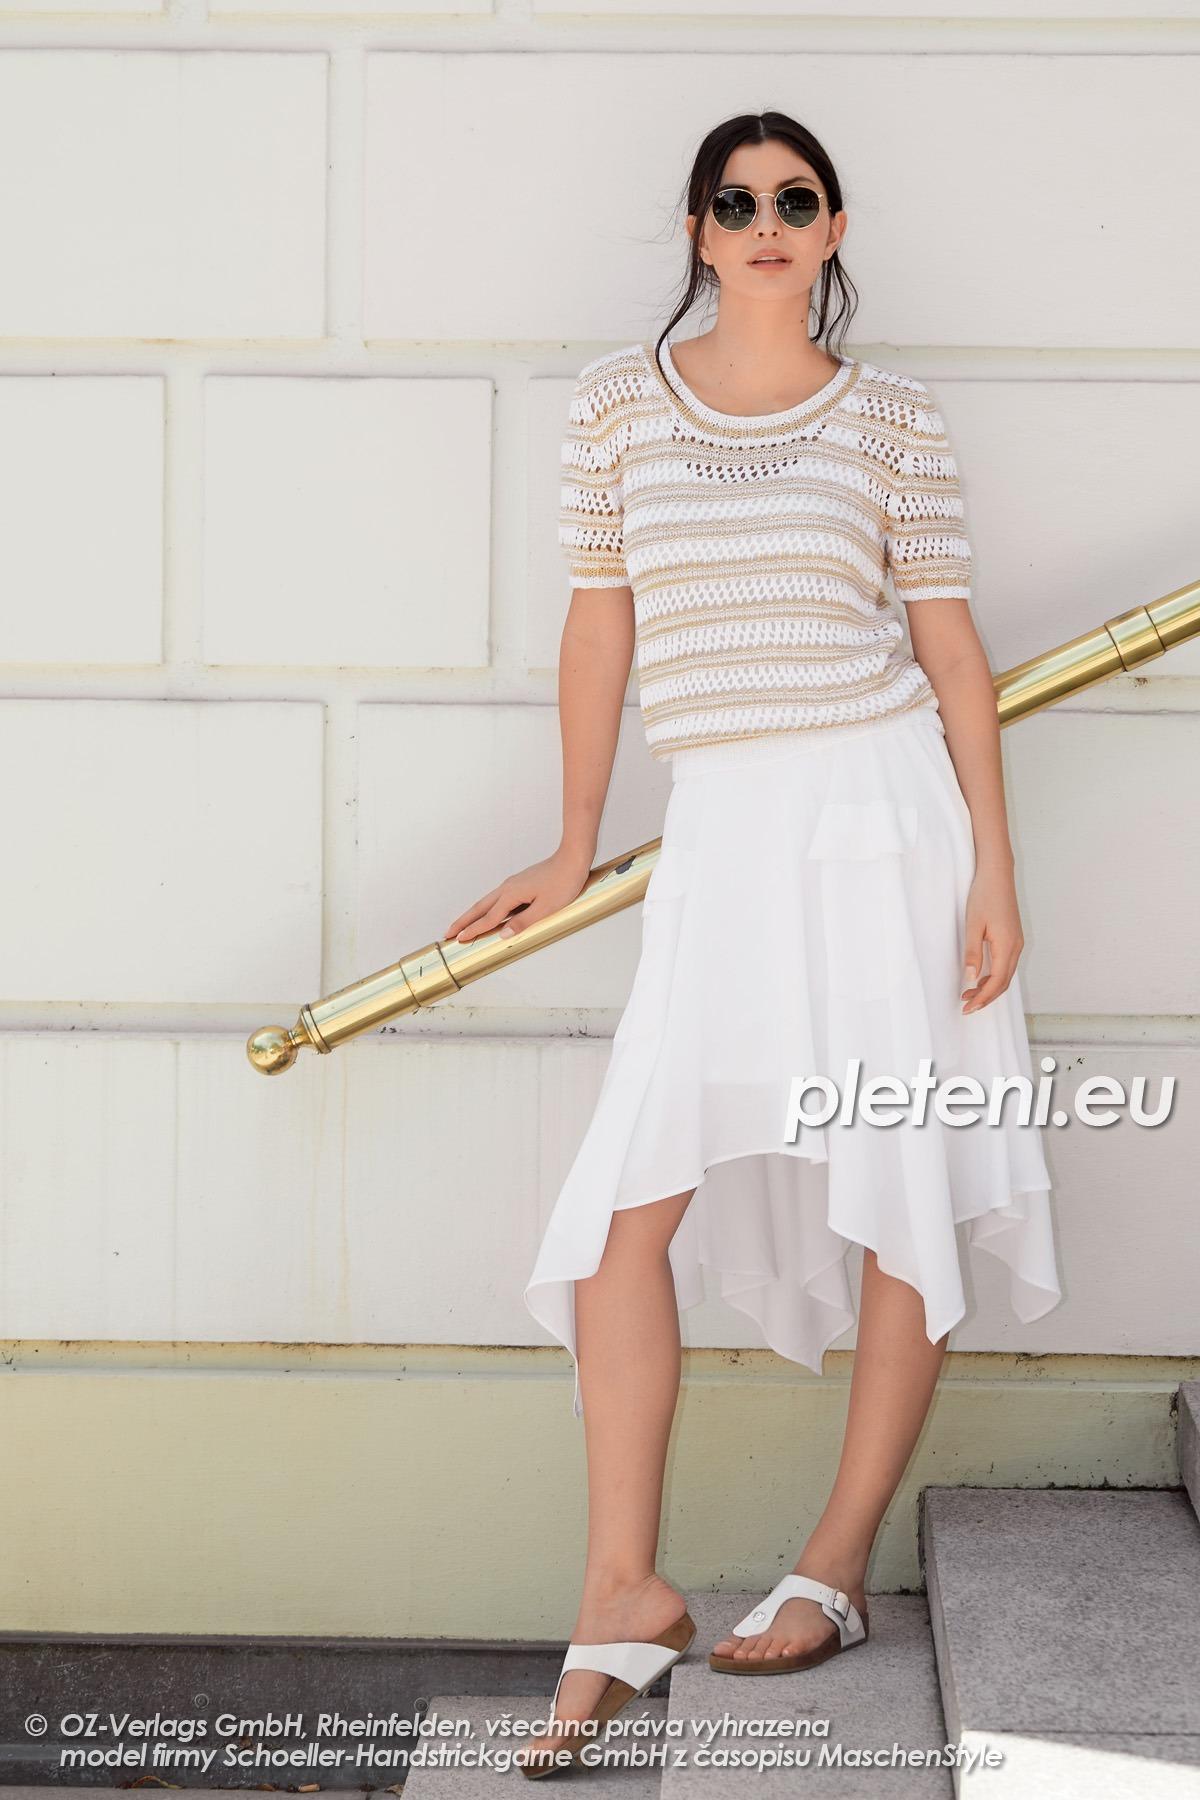 2020-L-02 pletený dámský svetr z příze Tencel značky Austermann